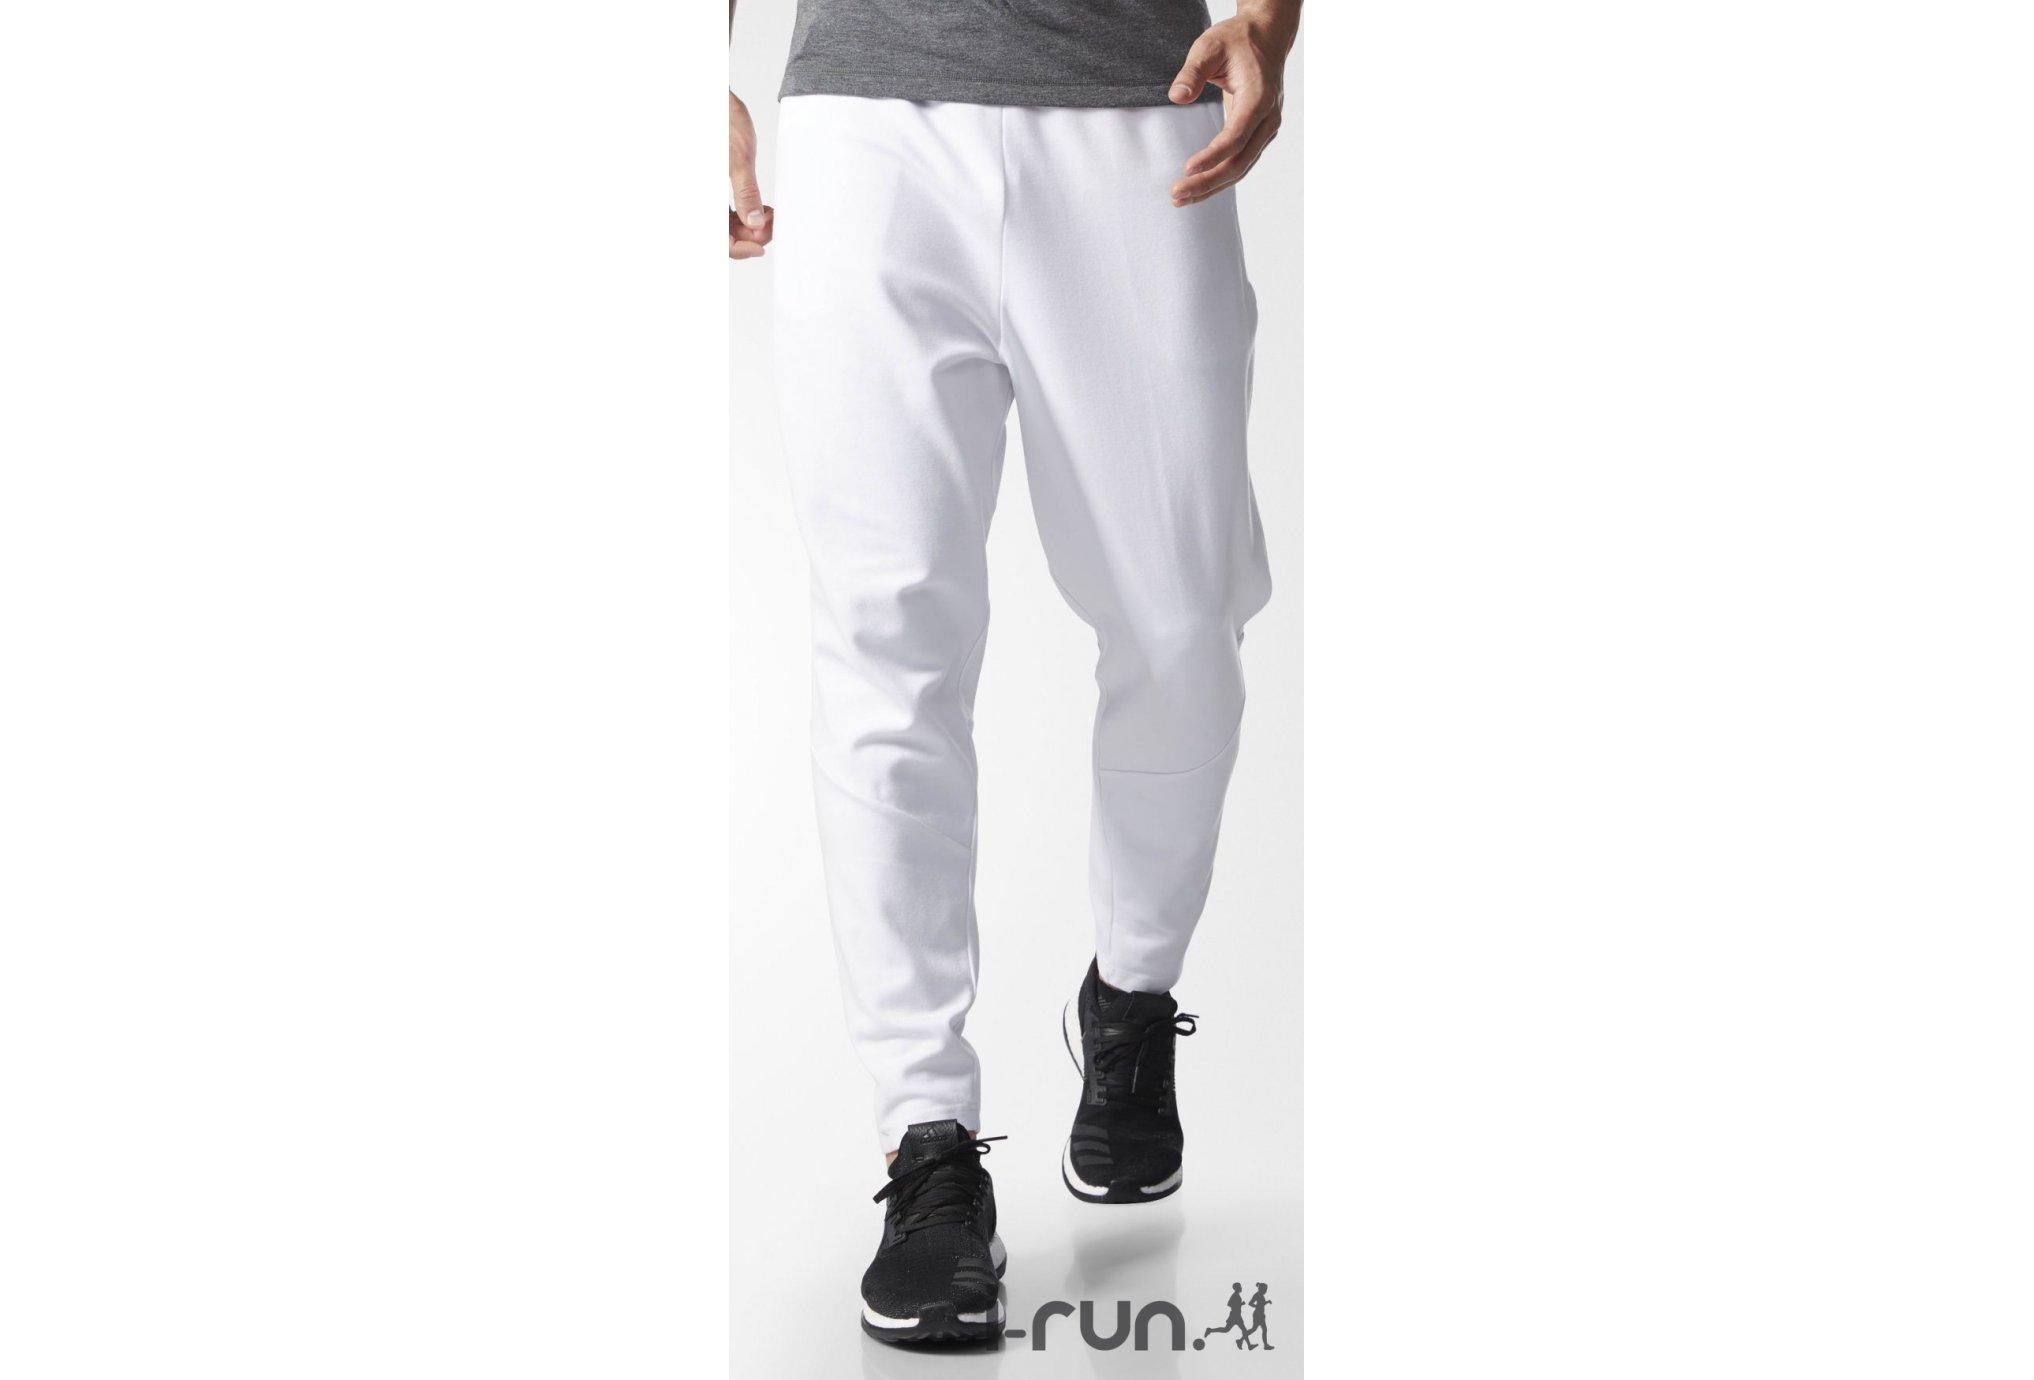 Adidas Z.N.e m vêtement running homme